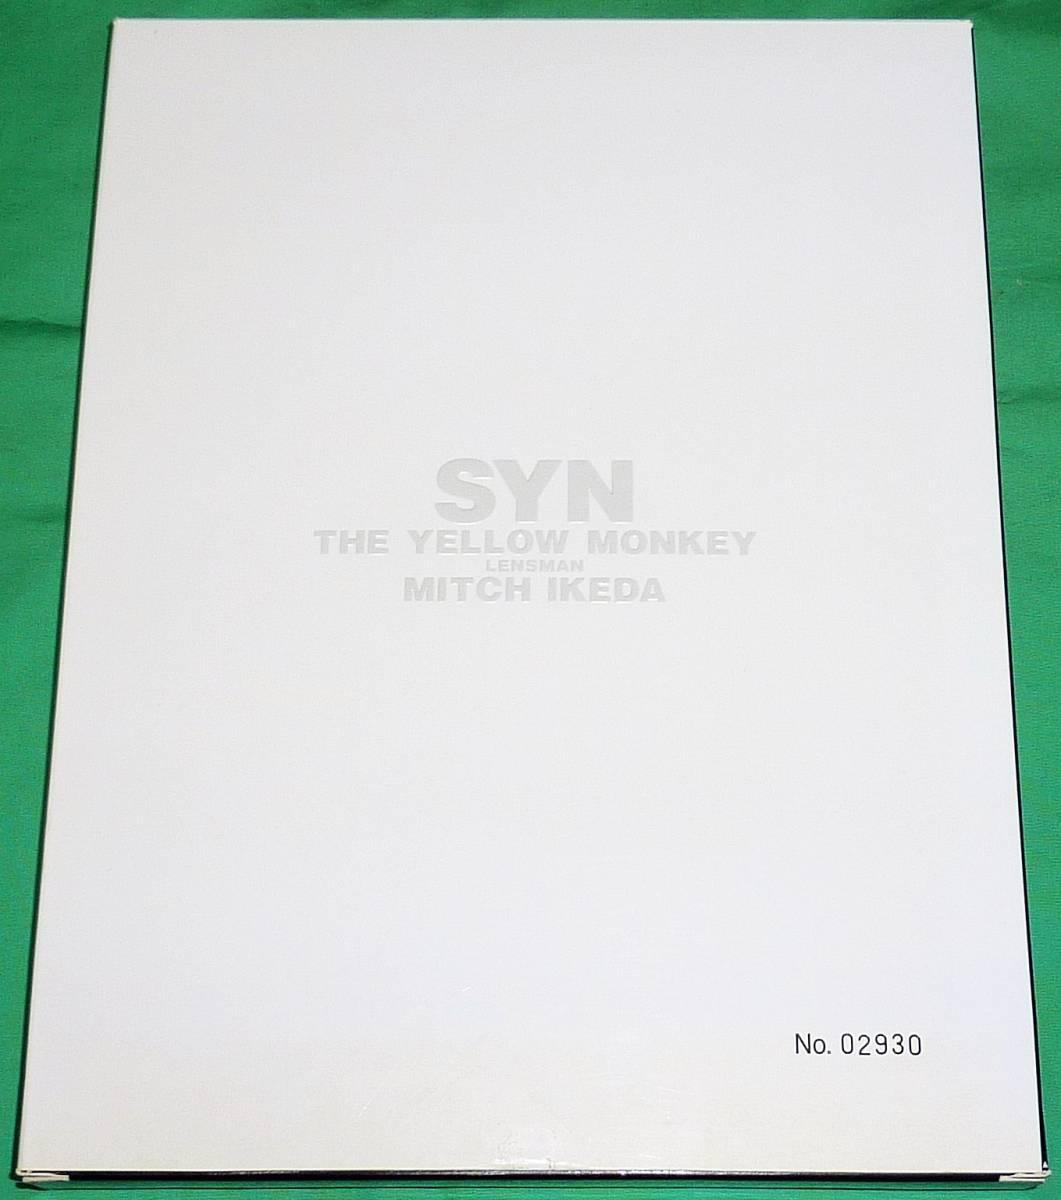 イエローモンキー写真集「SYN」2冊組◆シリアルナンバー入